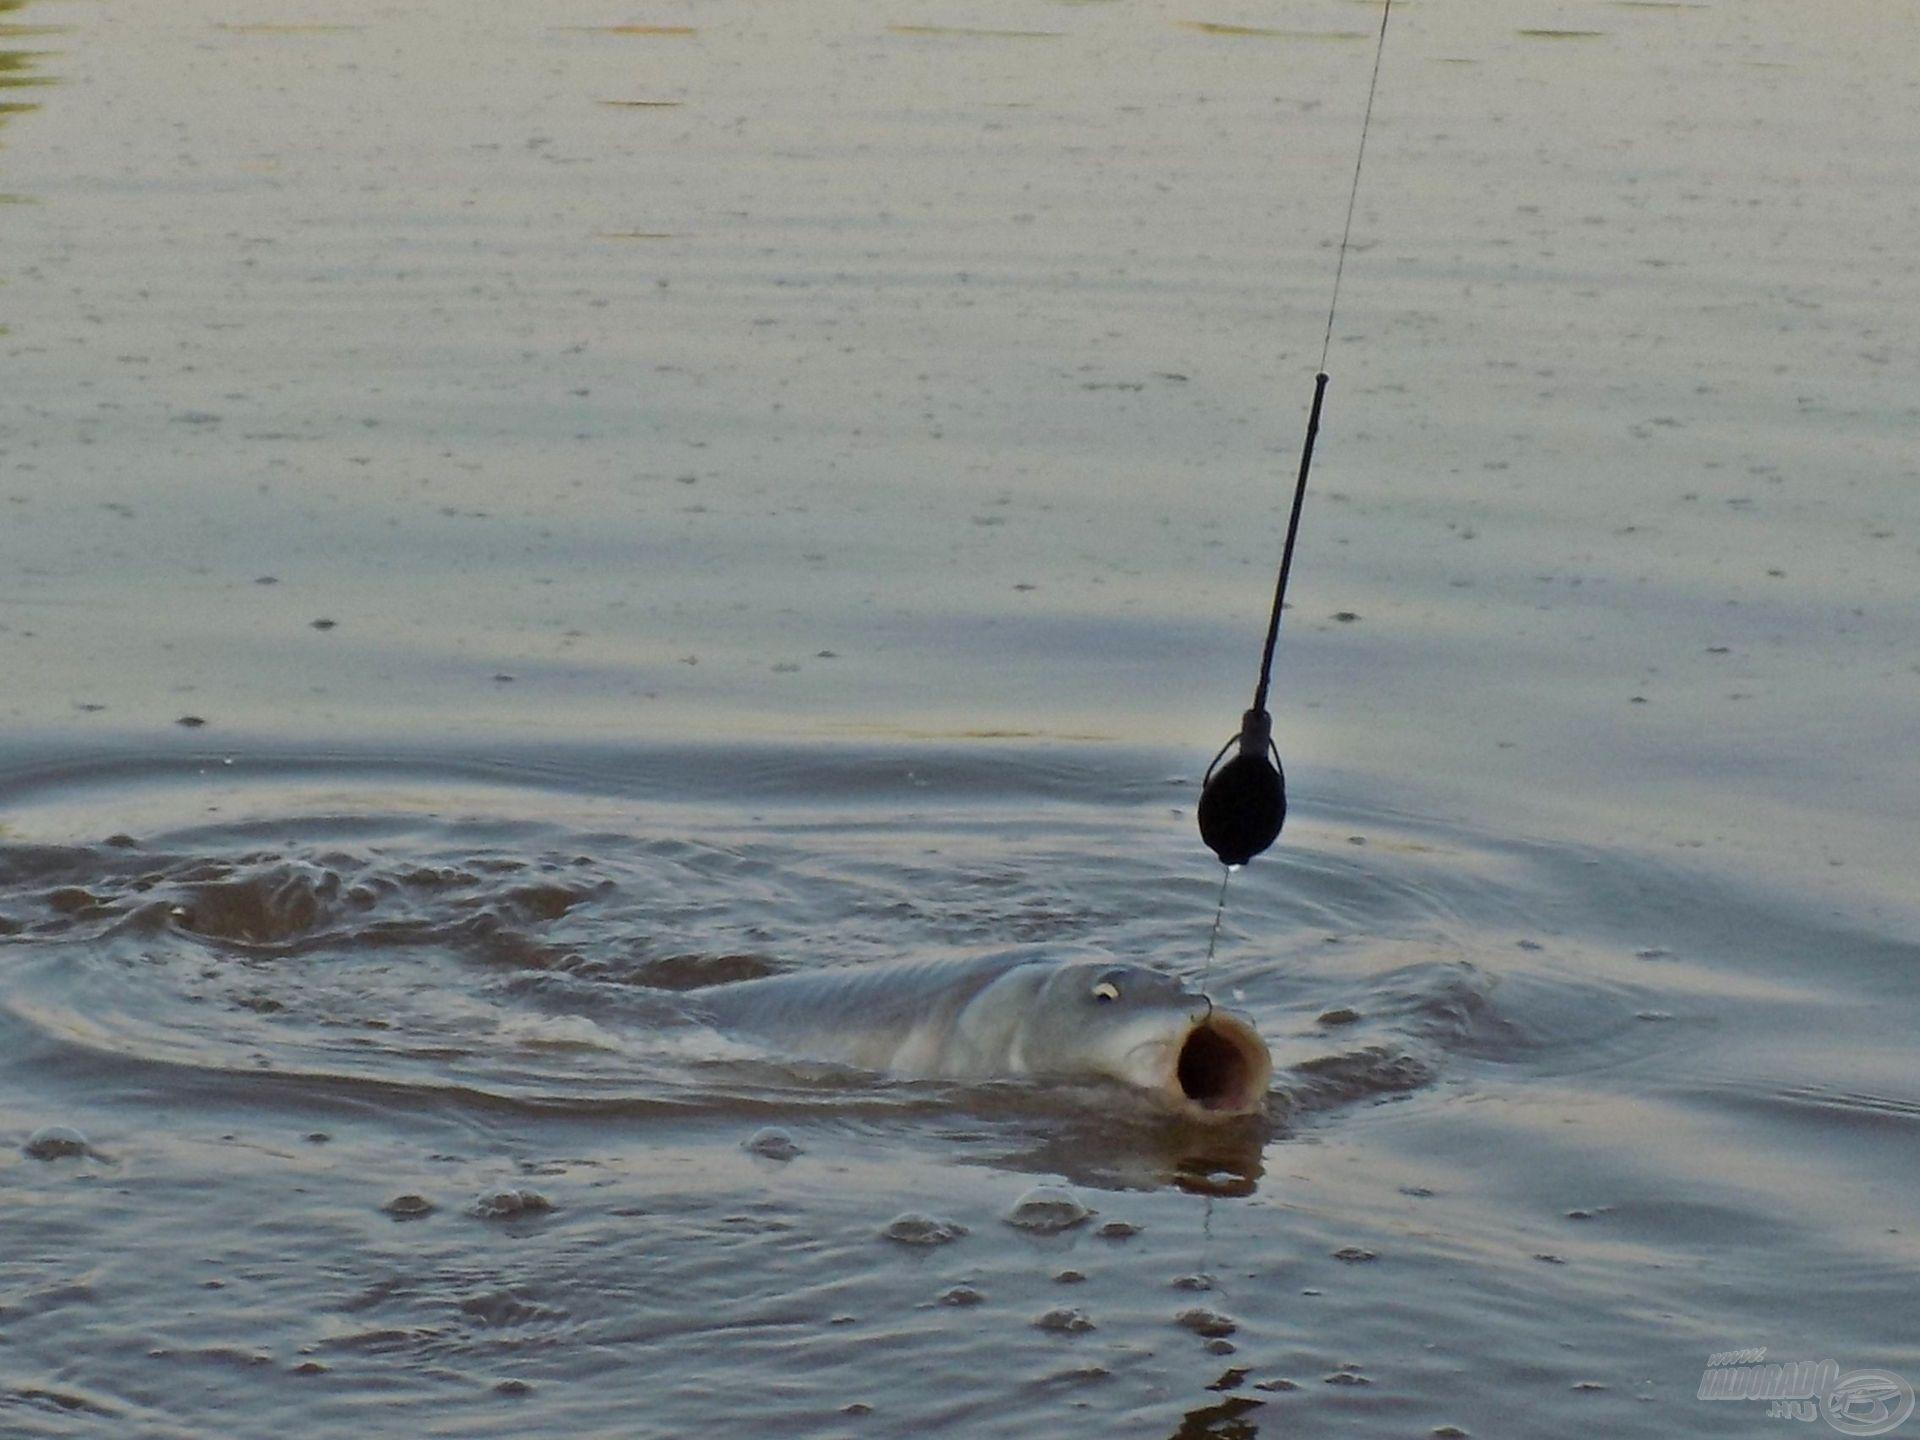 A horgászok döntő többsége használja már a method technikát, pont emiatt fontos, hogy mit is kínálunk fel a halak számára. Ugyanis, ha valamiért rendre a mi végszerelékünket húzza el a hal egy egyenletesnek mondható placcon, akkor az bizony a megfelelő etetőanyag-csali kombinációnak köszönhető!